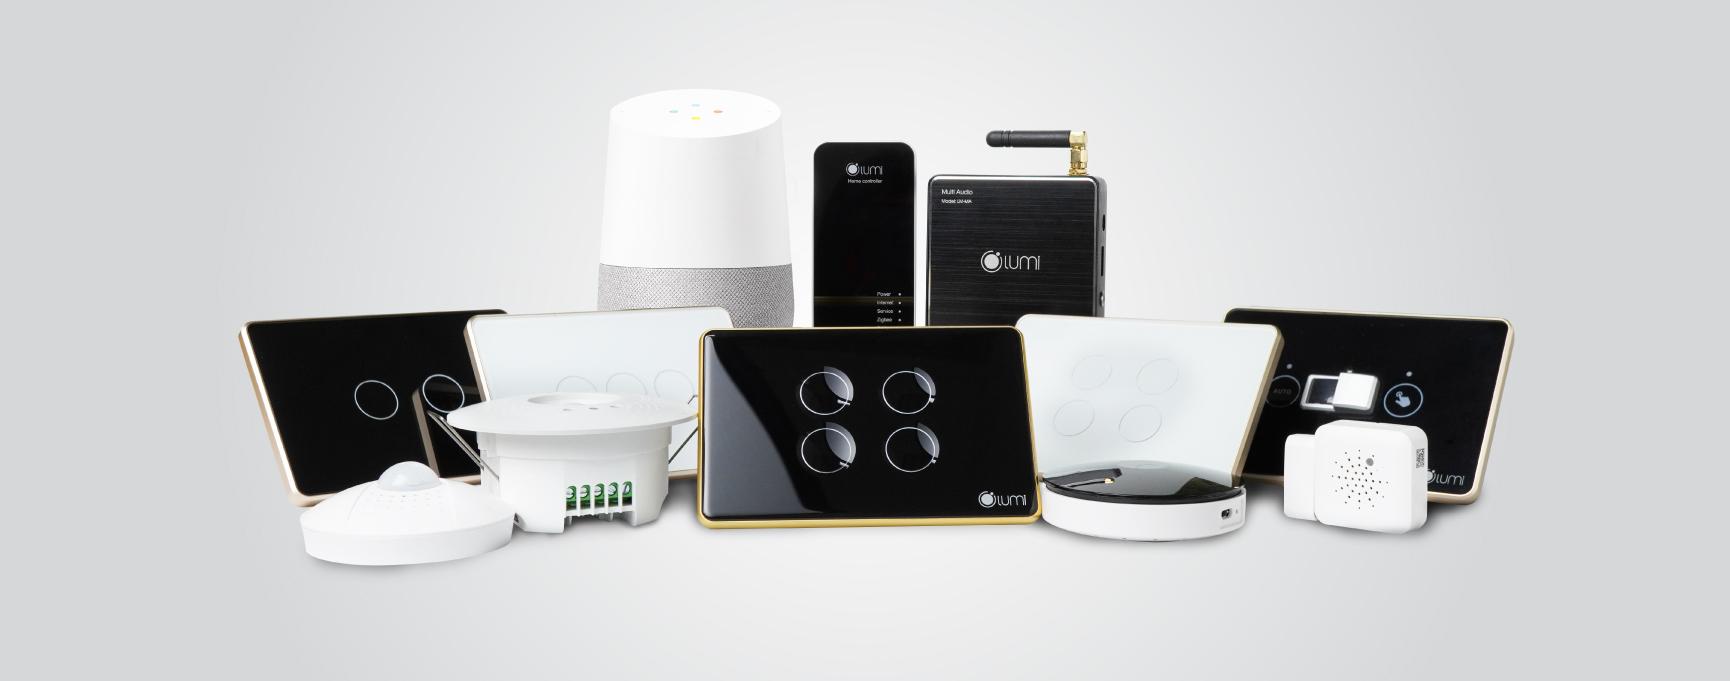 Các sản phẩm nhà thông minh Lumi